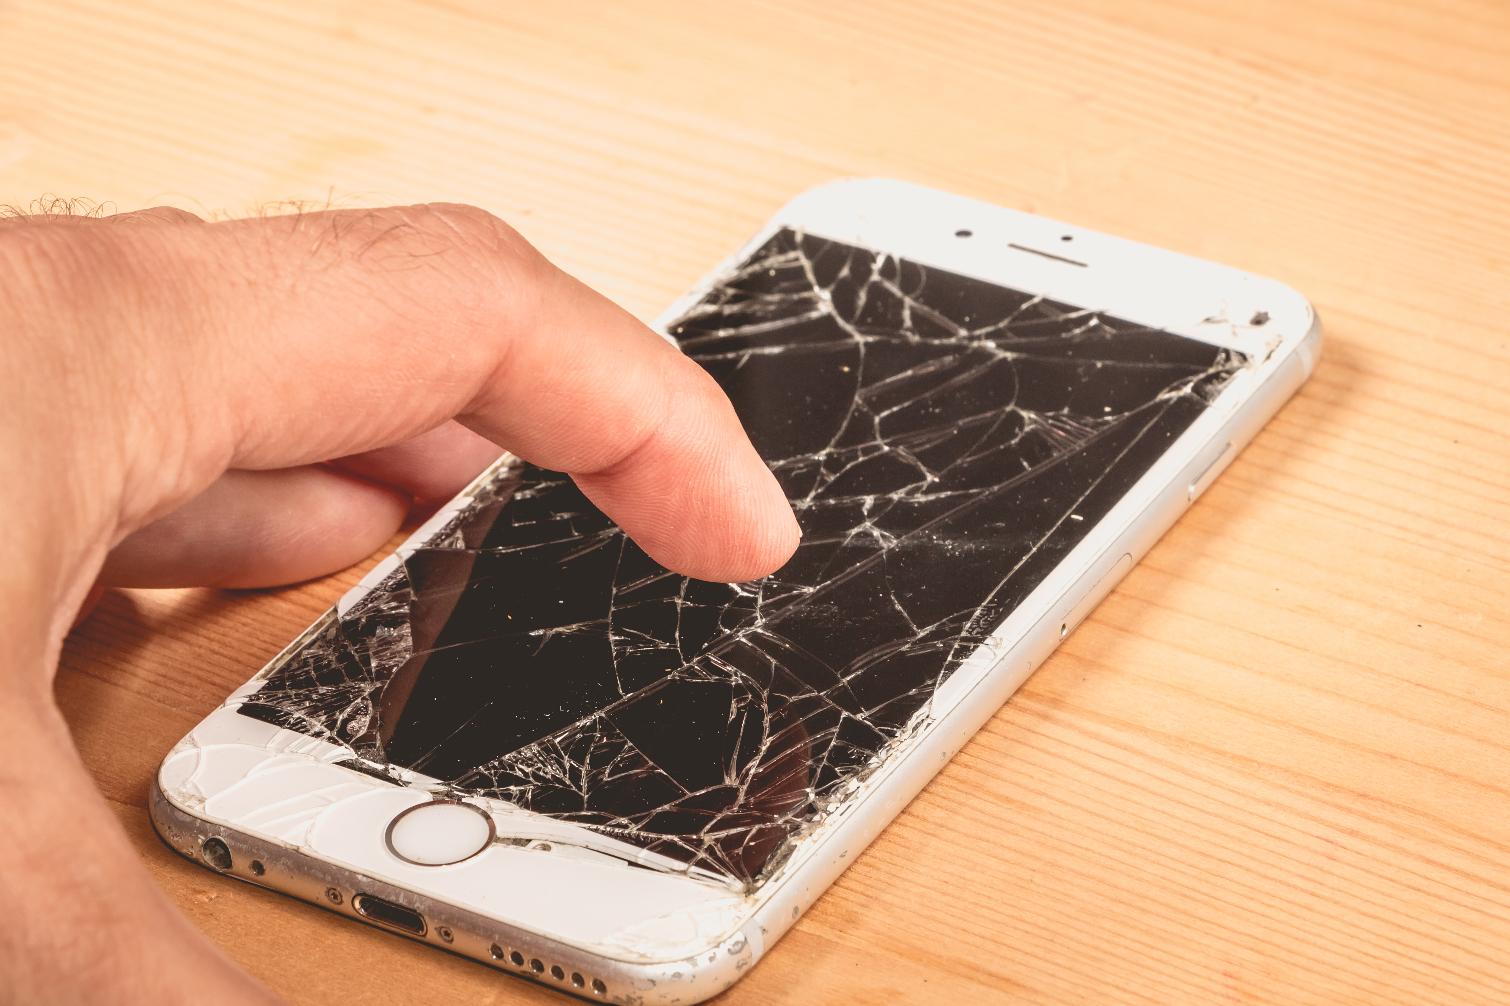 شیشه خودترمیمی برای گوشی های تلفن همراه